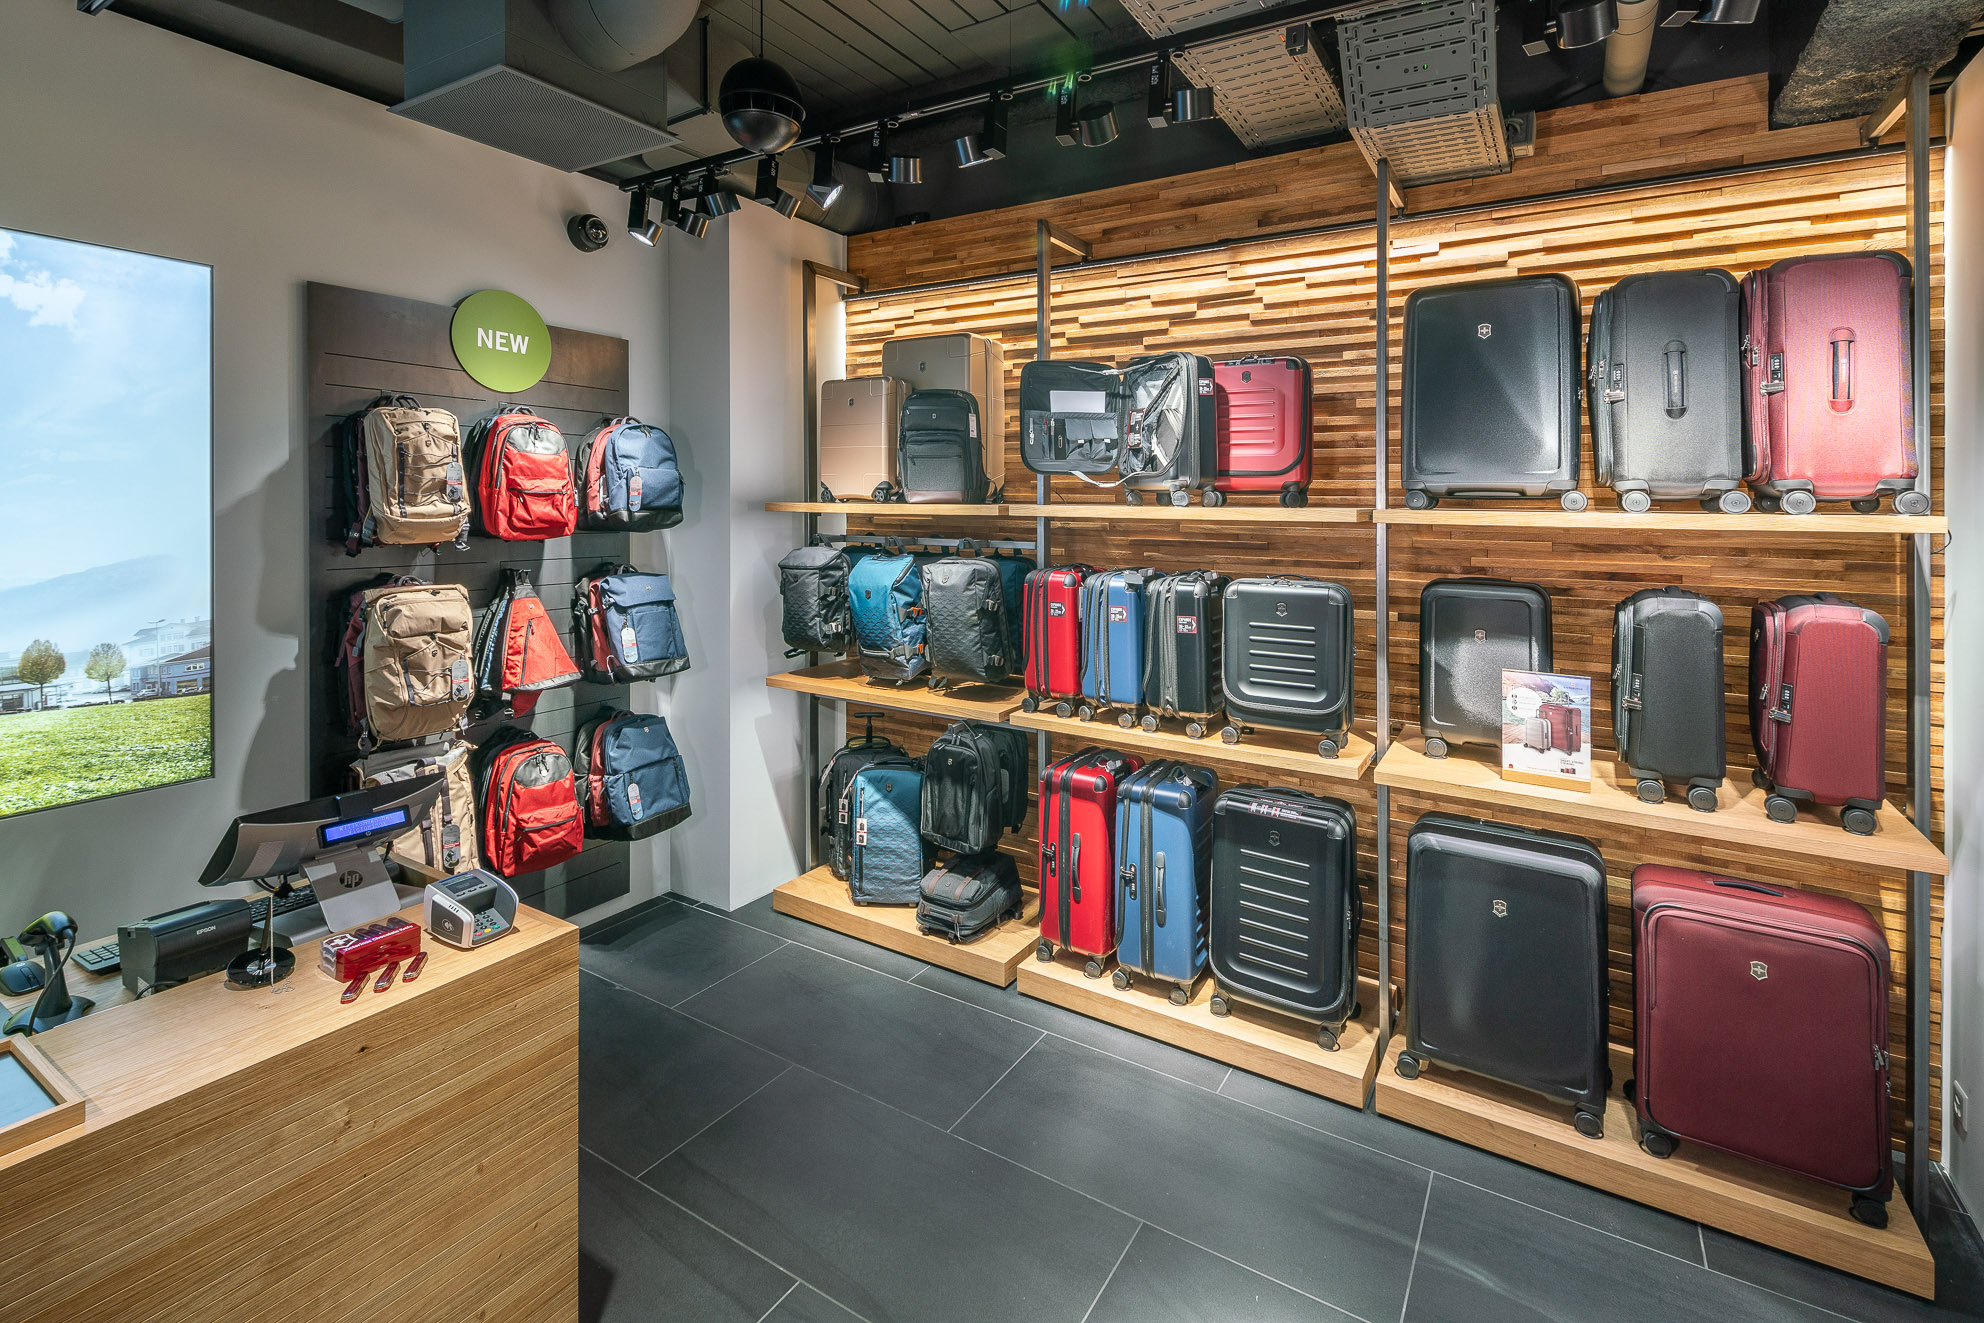 Store interior of Victorinox Store Würenlos, Würenlos